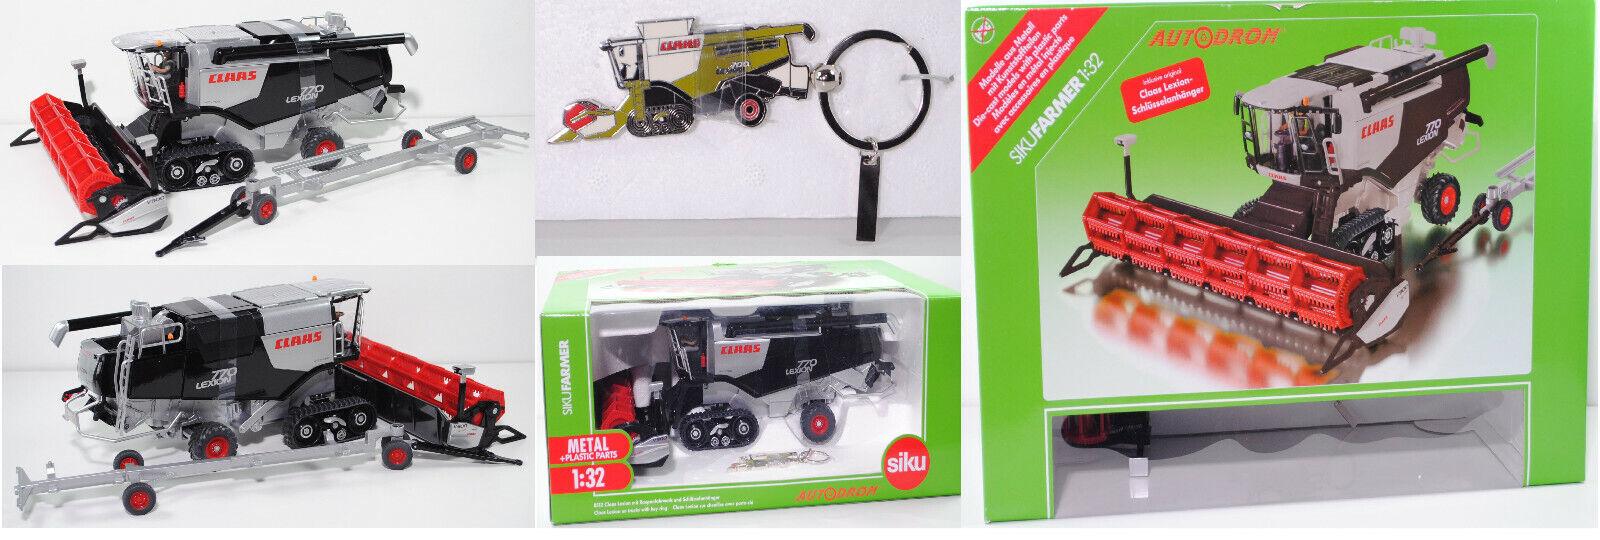 SIKU FARMER 8512 CLAAS LEXION 770 TT Moissonneuses-batteuses, 1 32, spécial modèle AUTODROM ®